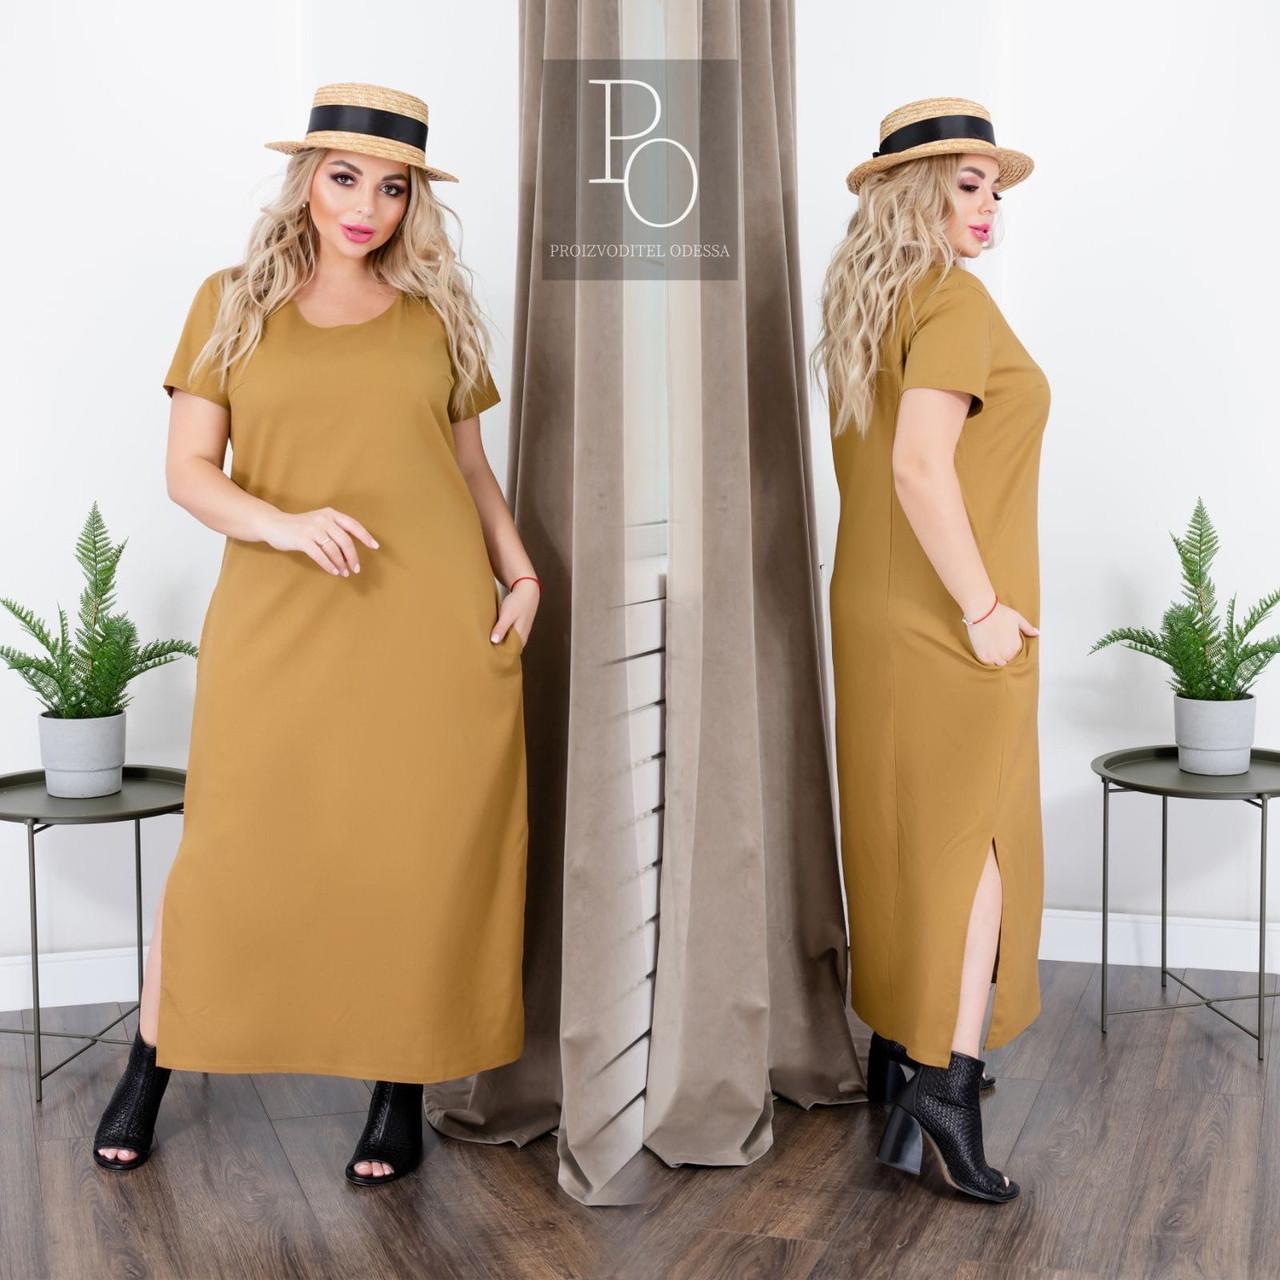 Льняное свободное платье с карманами в боковых швах, с разрезами, р.48-50,52-54,60-62 код 406С